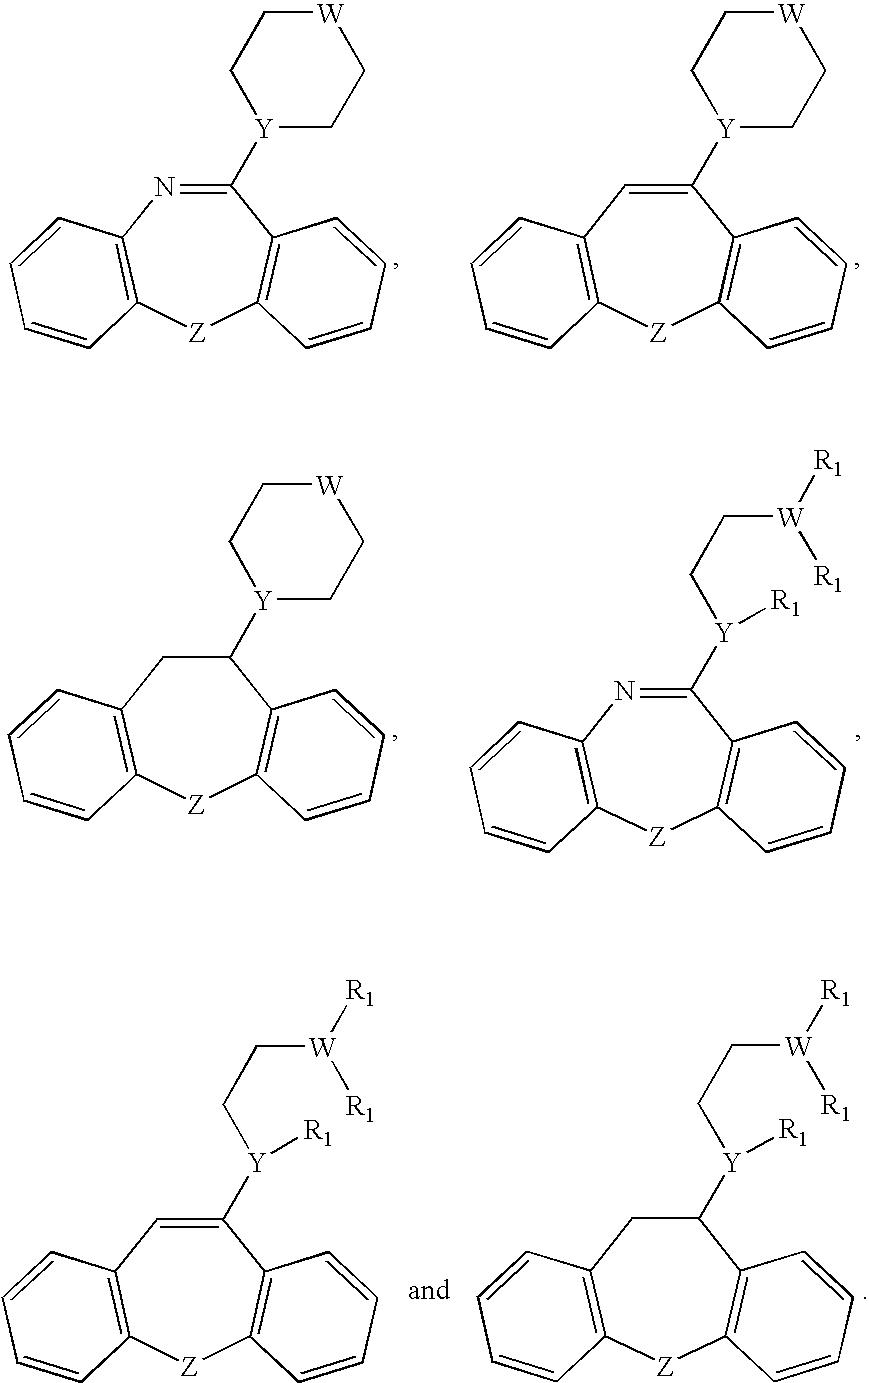 Figure US20060252744A1-20061109-C00210